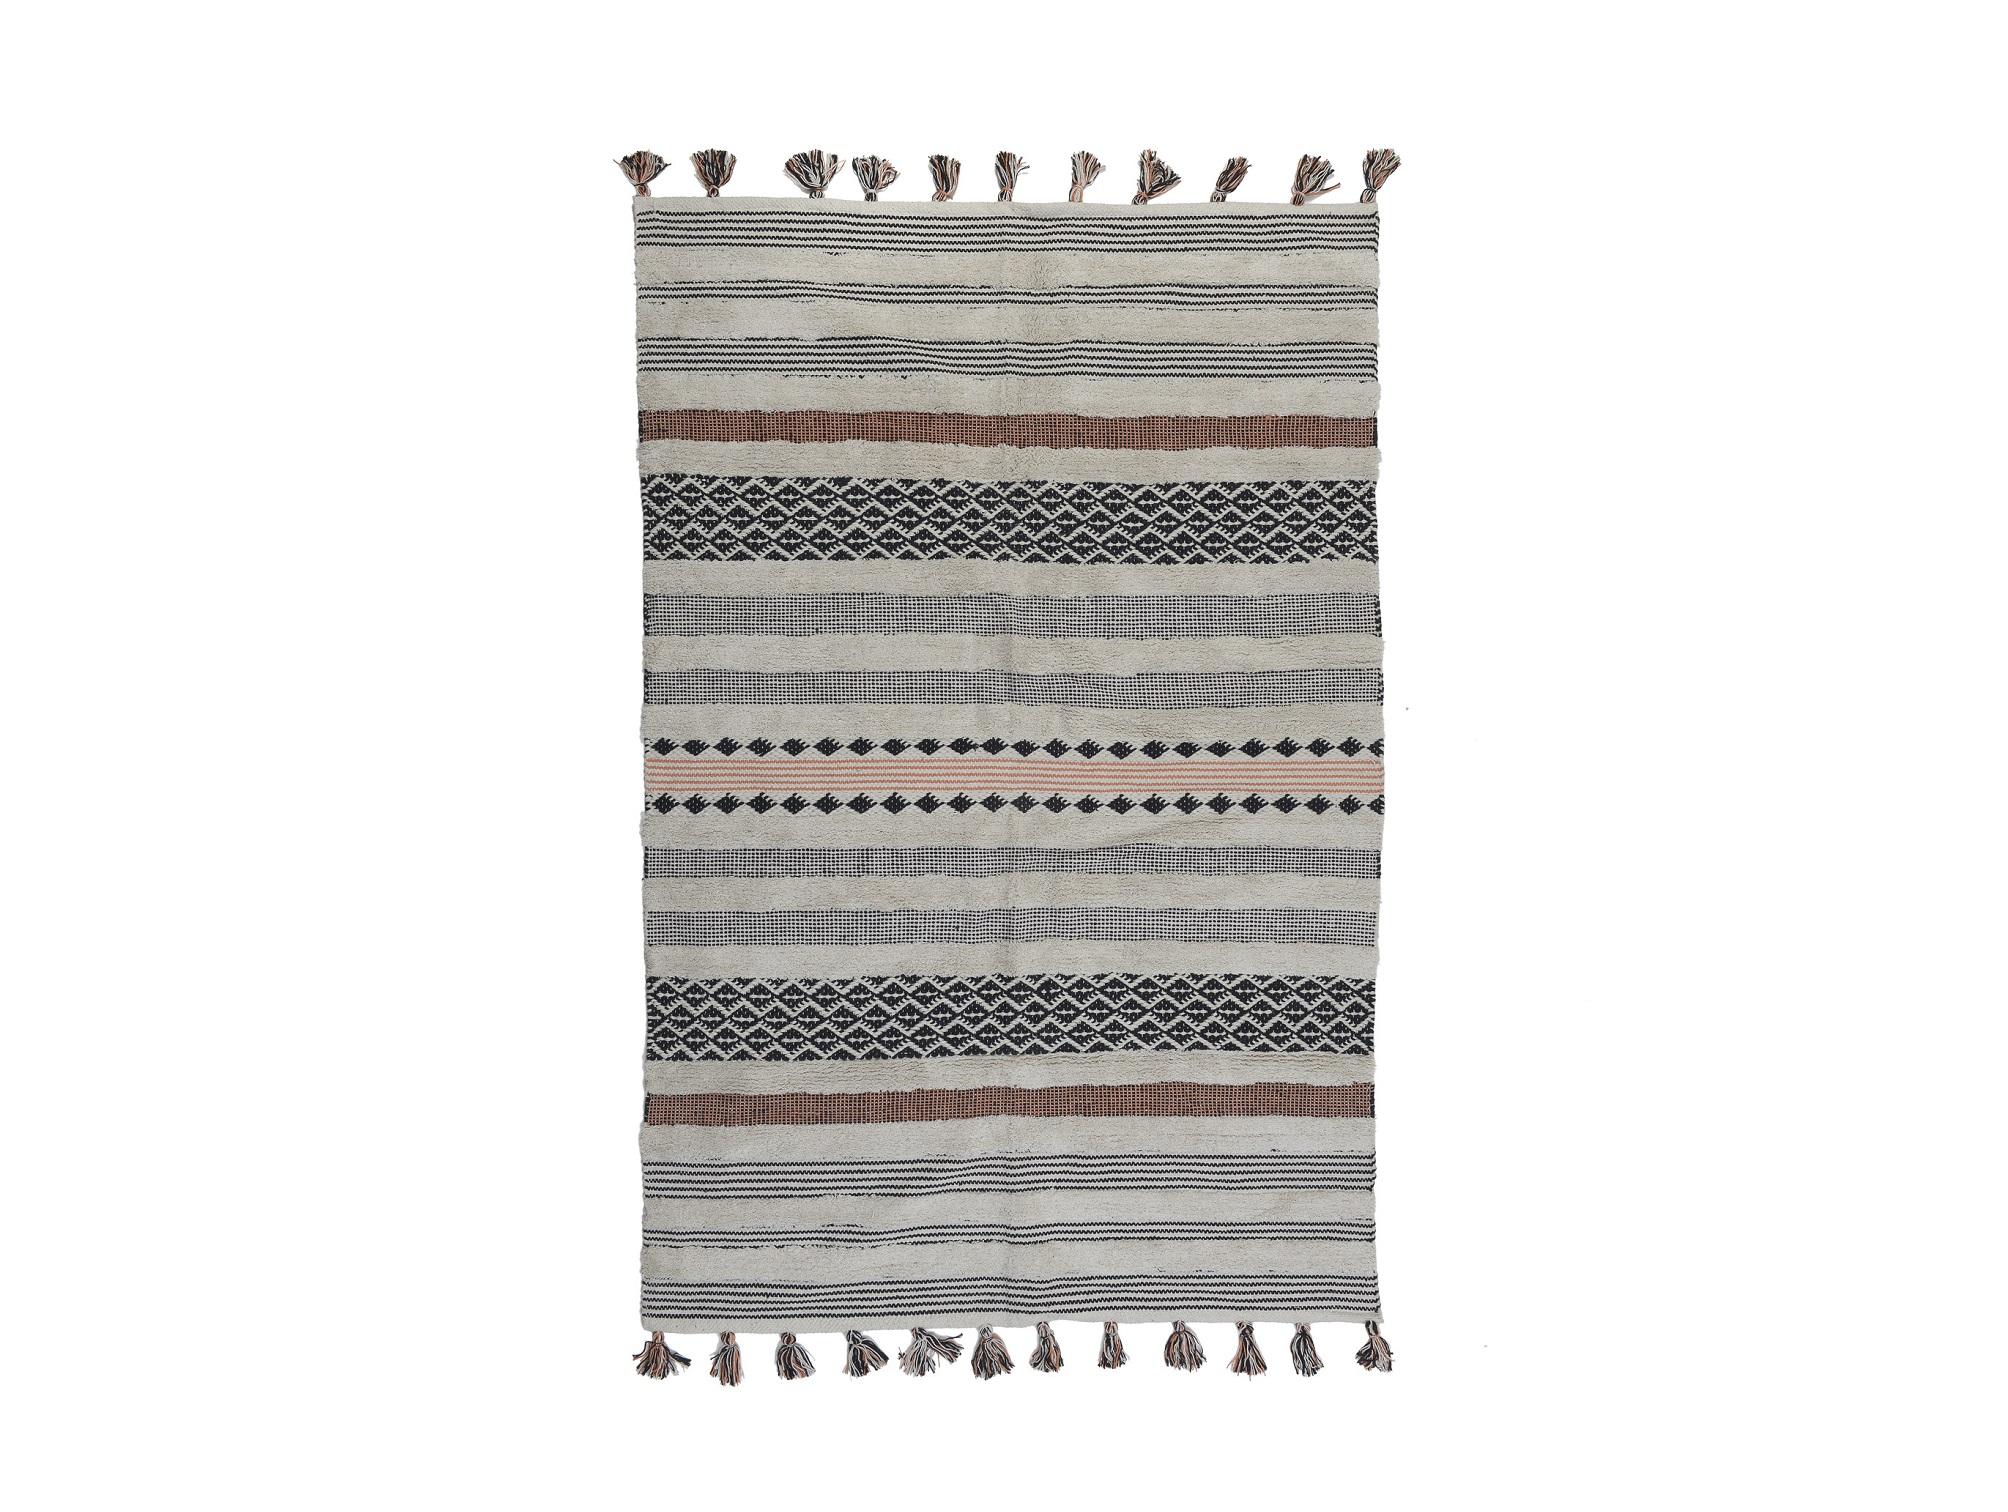 Ковер SusanitaПрямоугольные ковры<br><br><br>Material: Хлопок<br>Ширина см: 180<br>Высота см: 1<br>Глубина см: 120